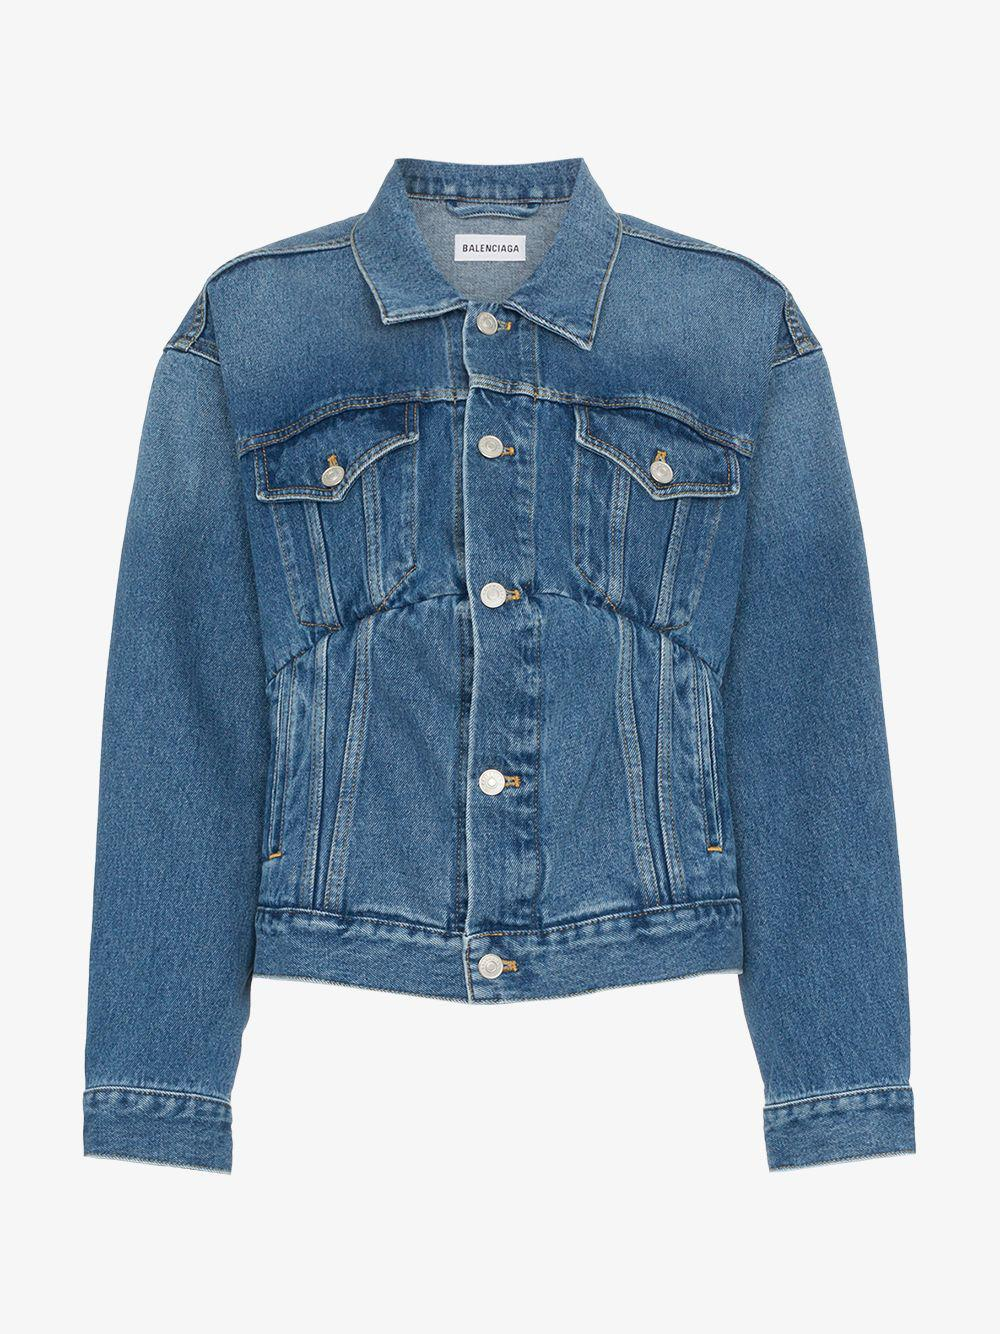 00a2770d027f26 Balenciaga Swing Denim Jacket in Blue - Lyst